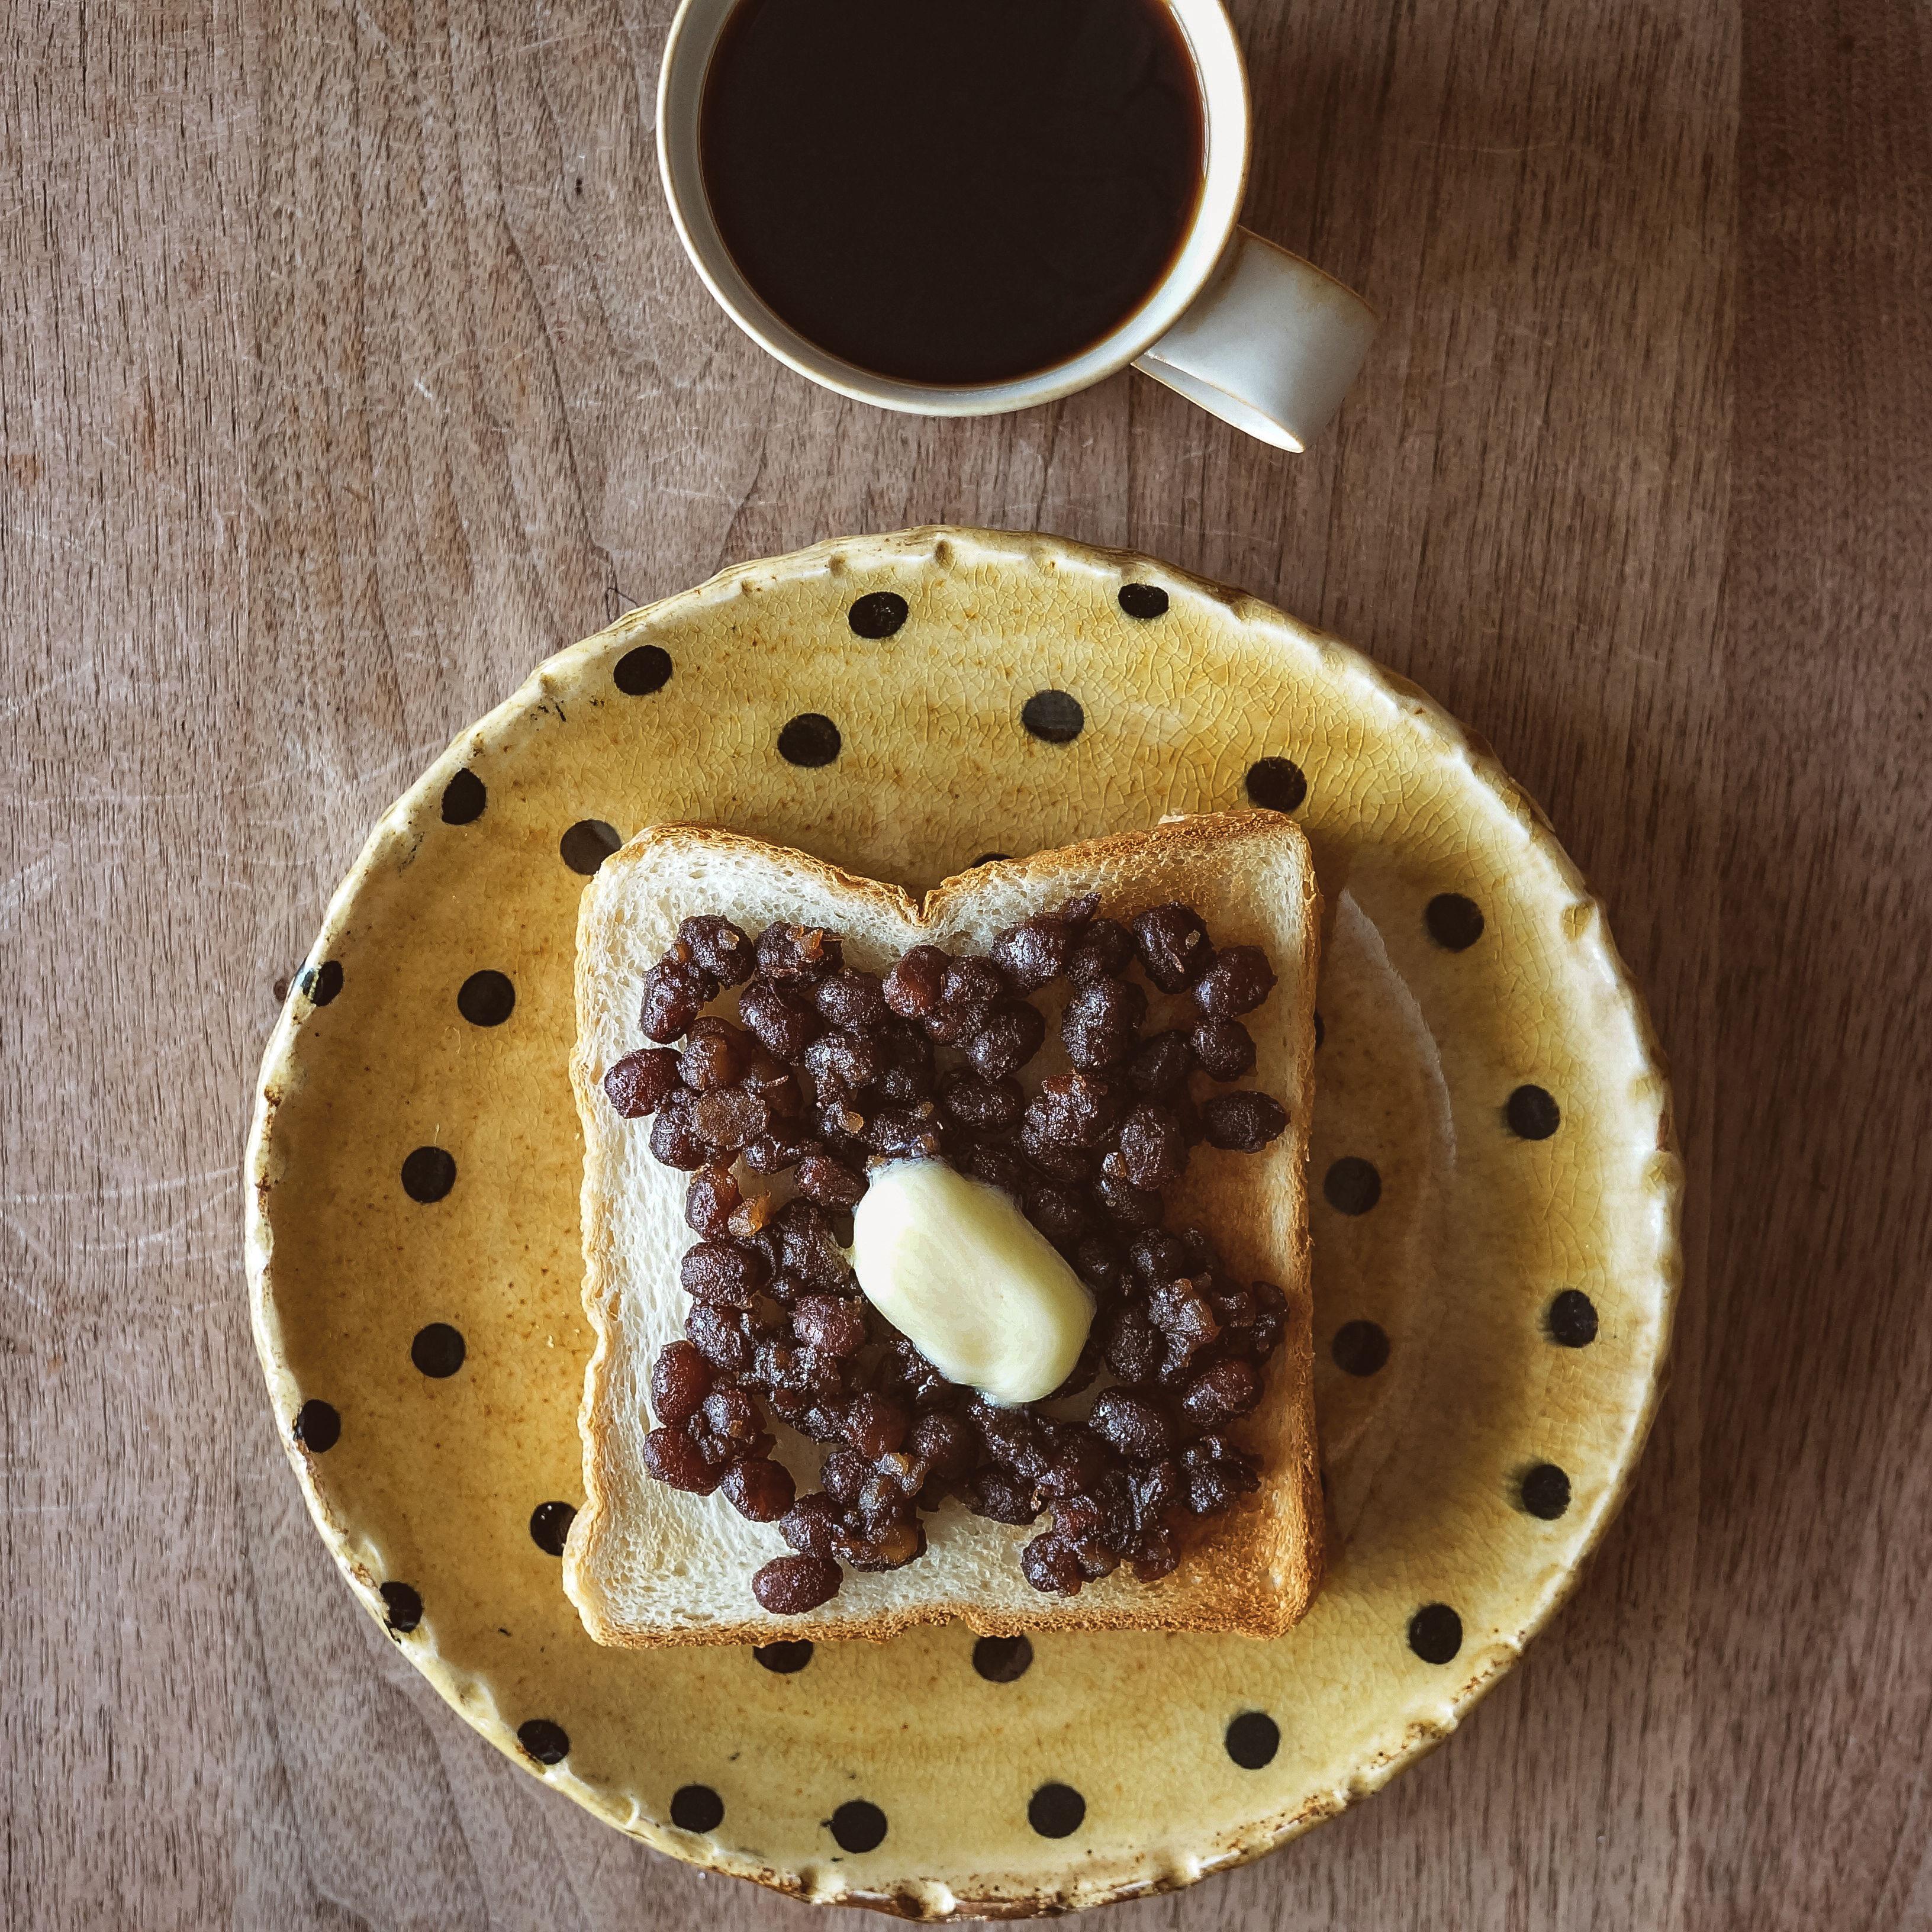 コーヒーと一緒に、デザート感覚で食べたい「甘いトースト」3つのレシピ